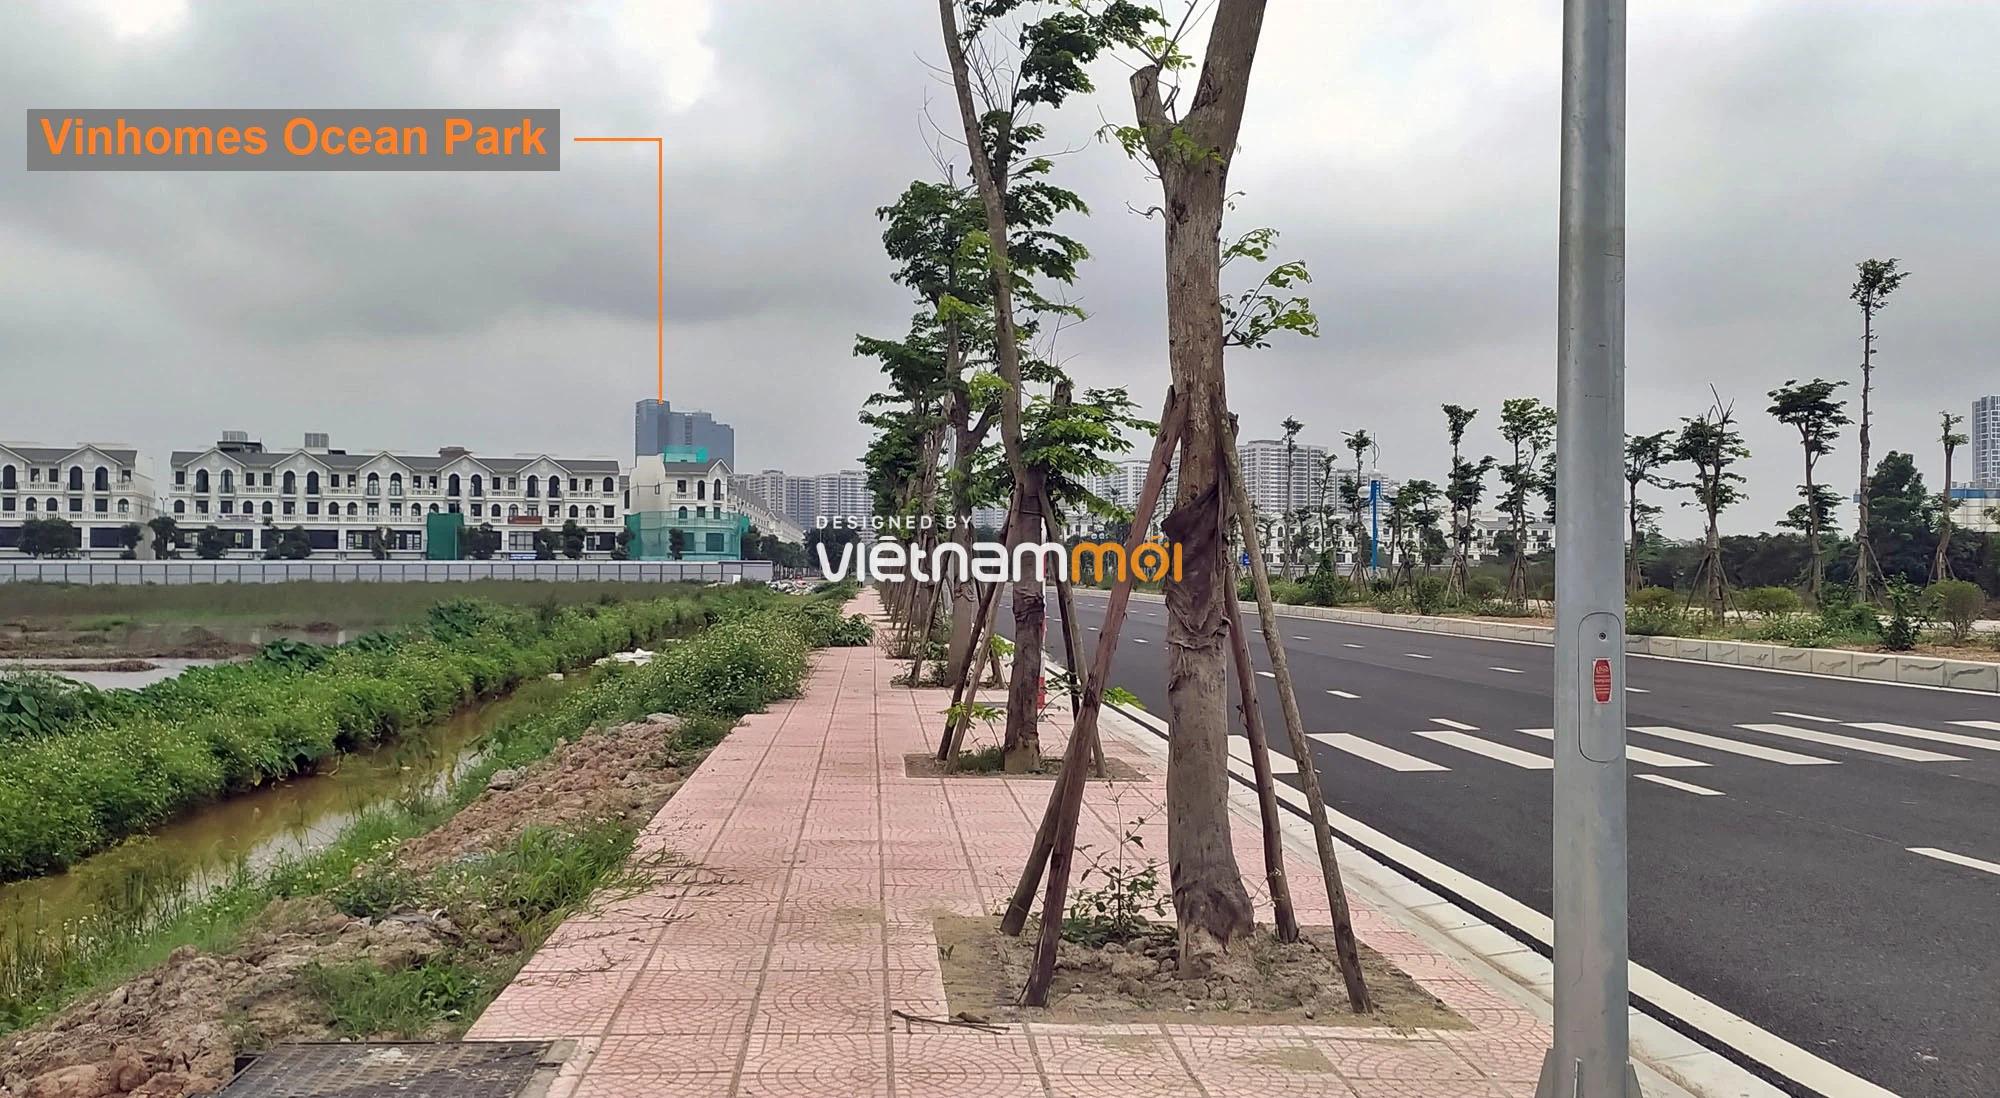 Toàn cảnh đường nối Vinhomes Ocean Park với ga Phú Thụy đang mở theo quy hoạch ở Hà Nội - Ảnh 6.